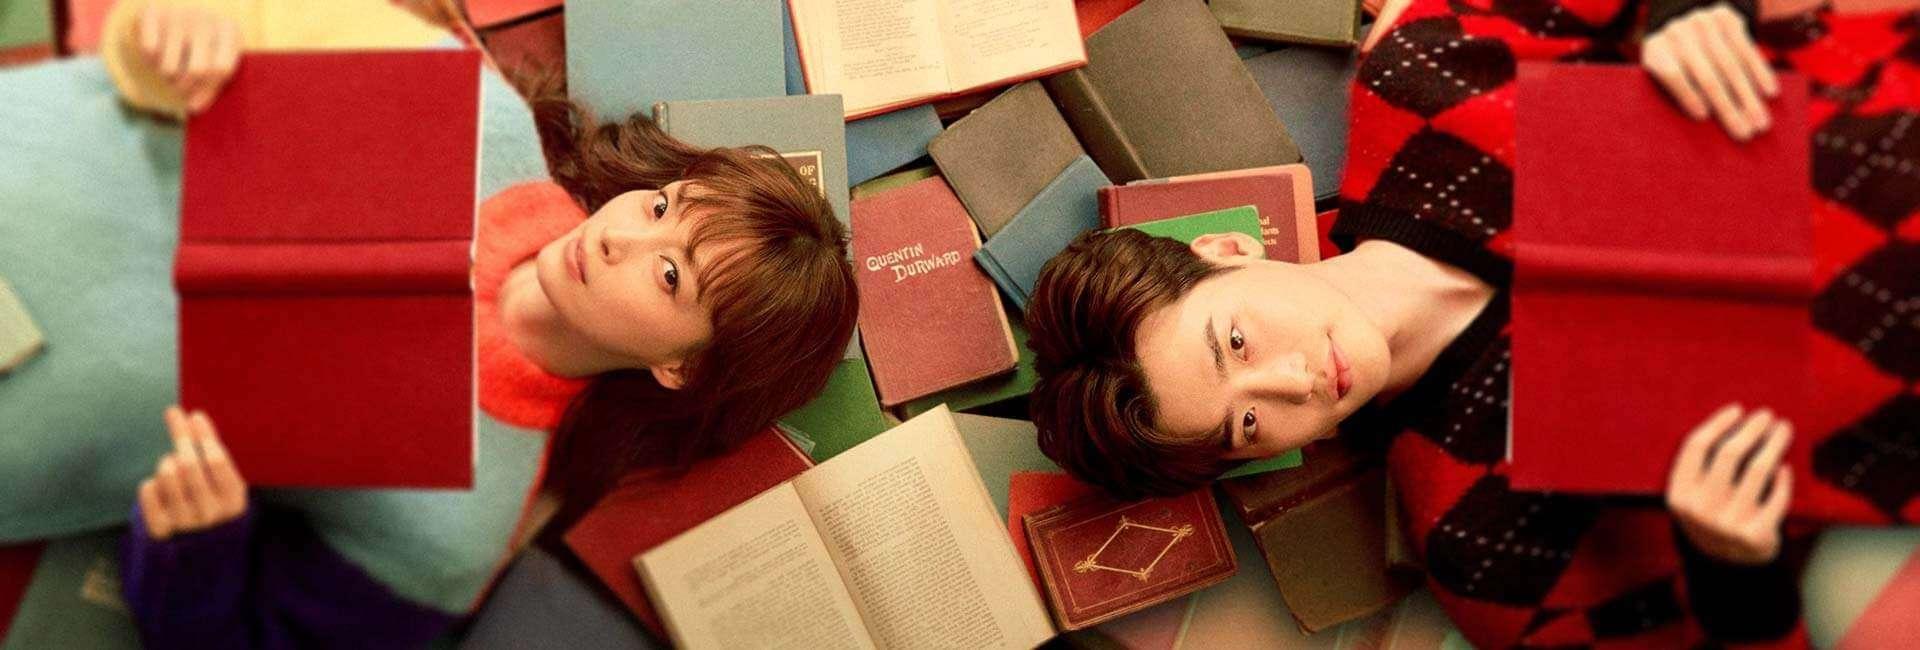 Na imagem mostramos uma das recomendações da lista, o dorama love is a bonus book, com os dois protagonistas deitados em cima de vários livros enquanto seguram com as duas mãos 1 livro cada um deles